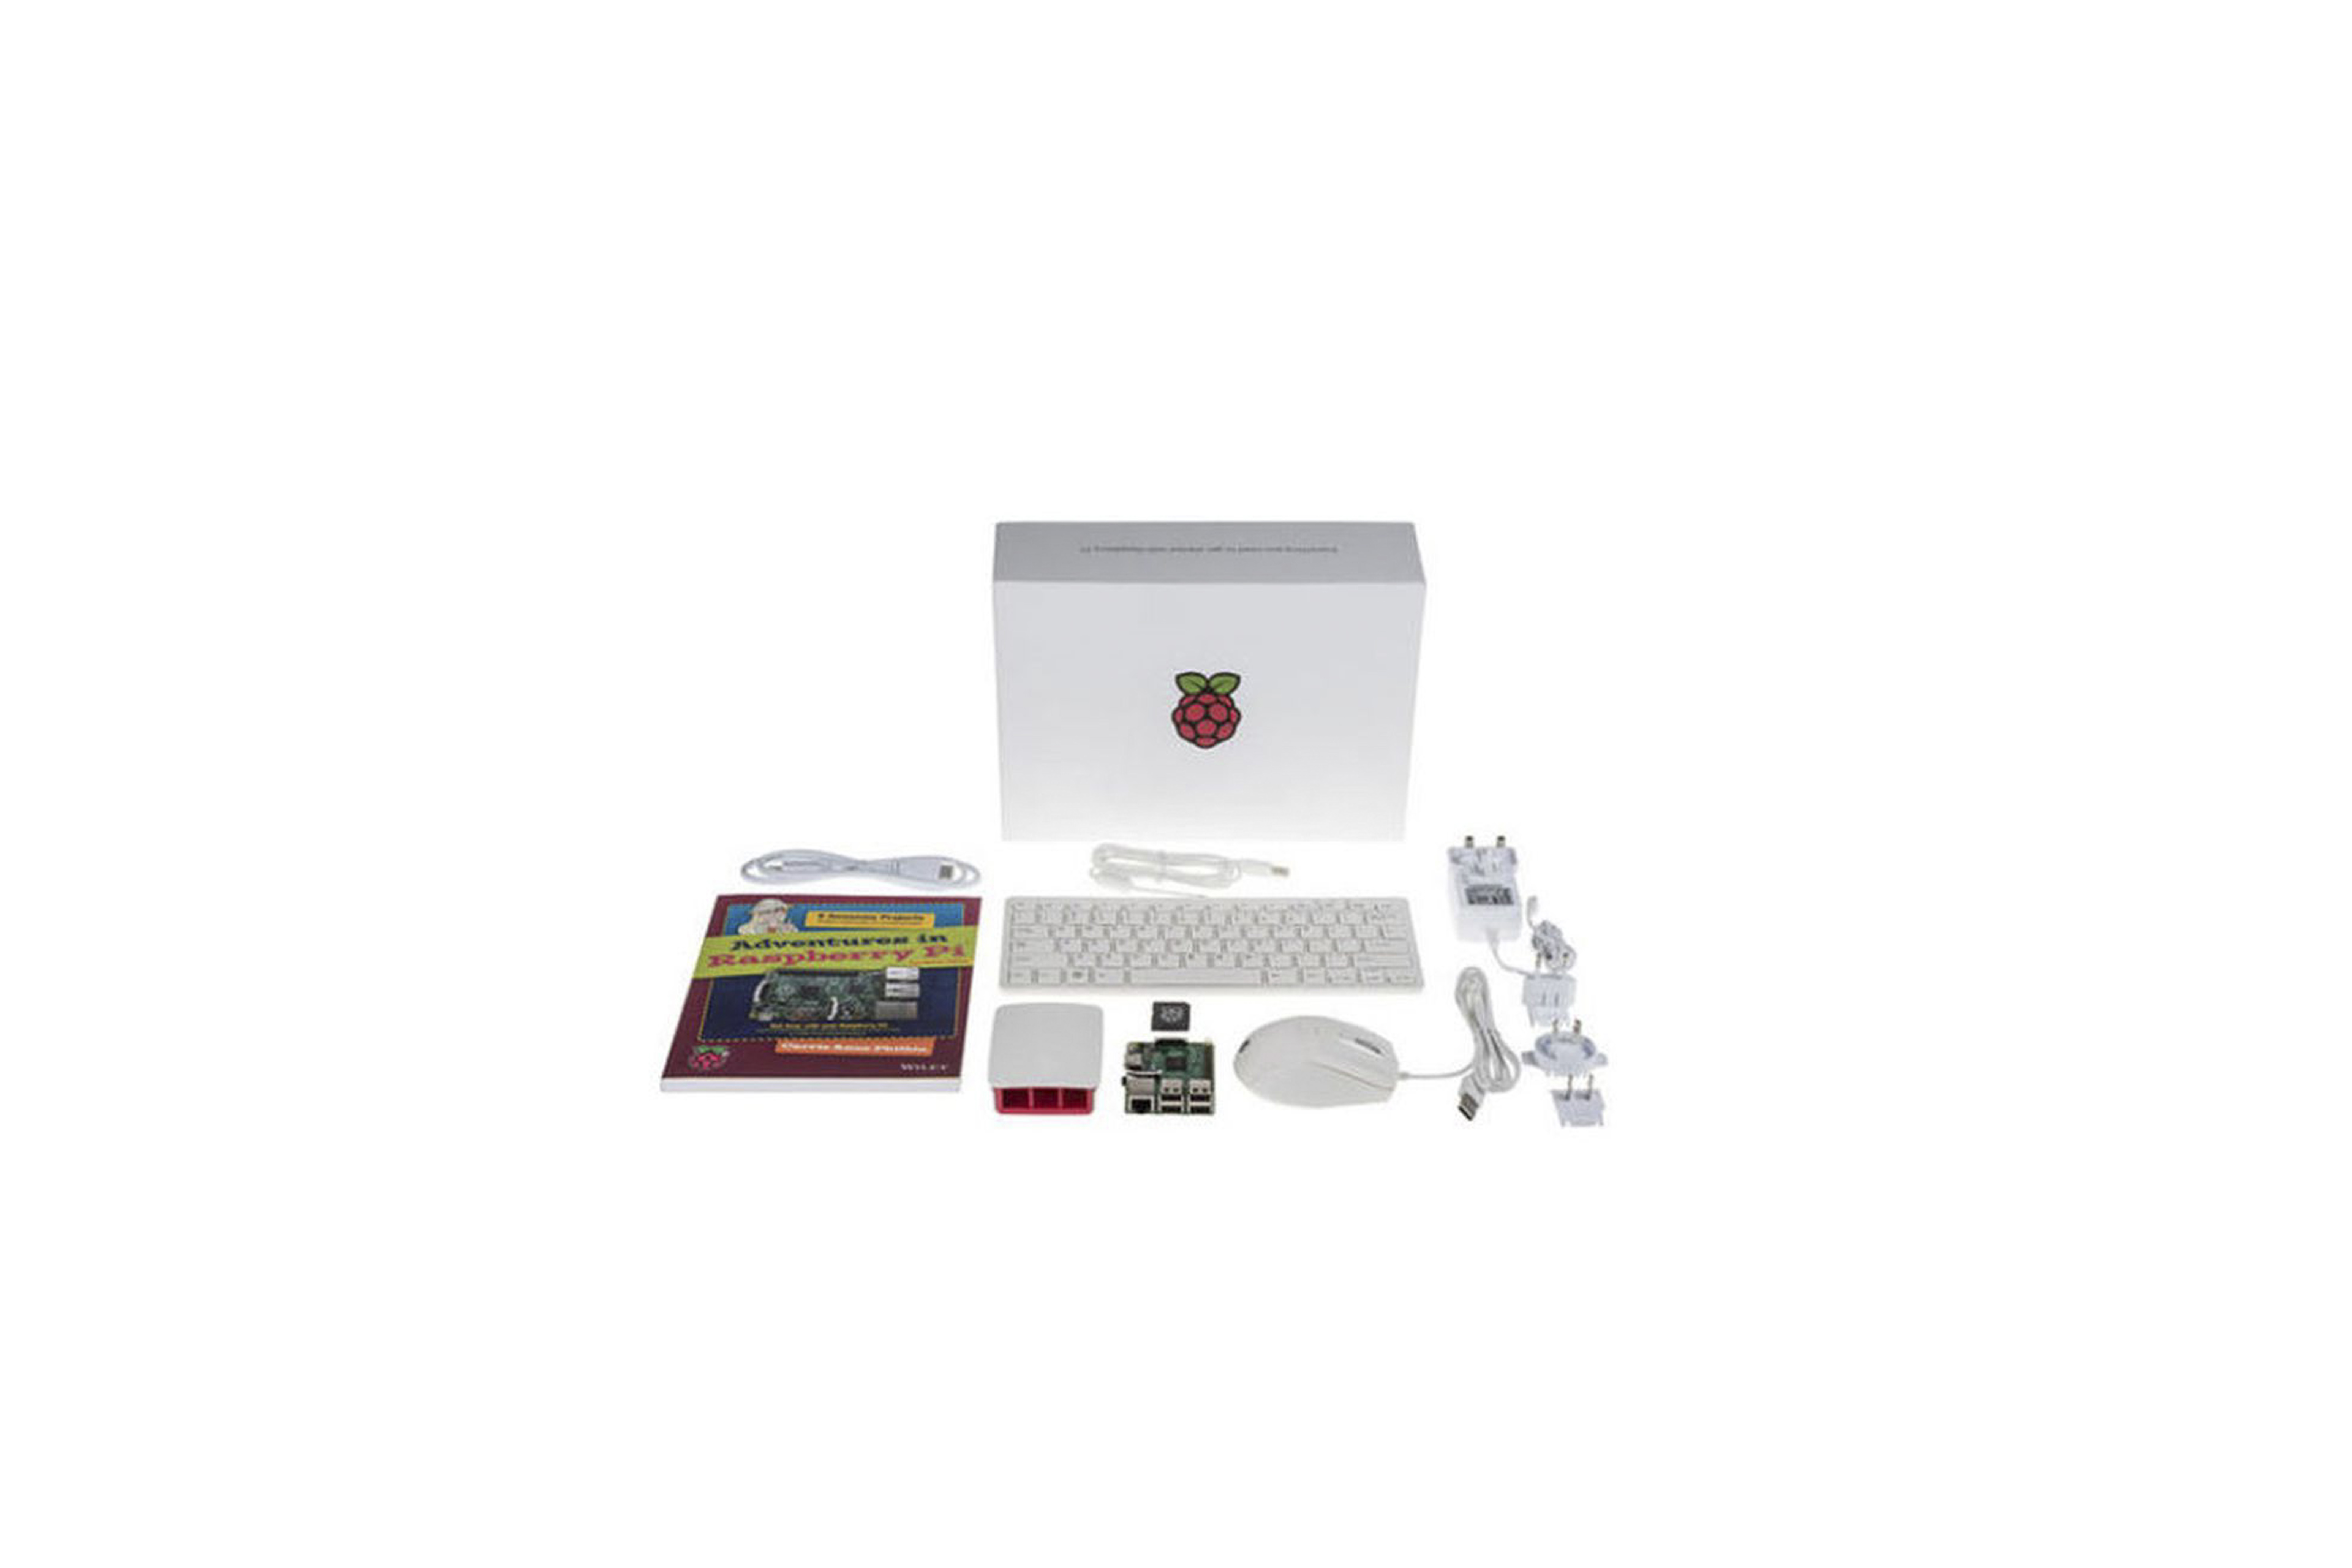 Official Raspberry Pi 3 Starter Kit